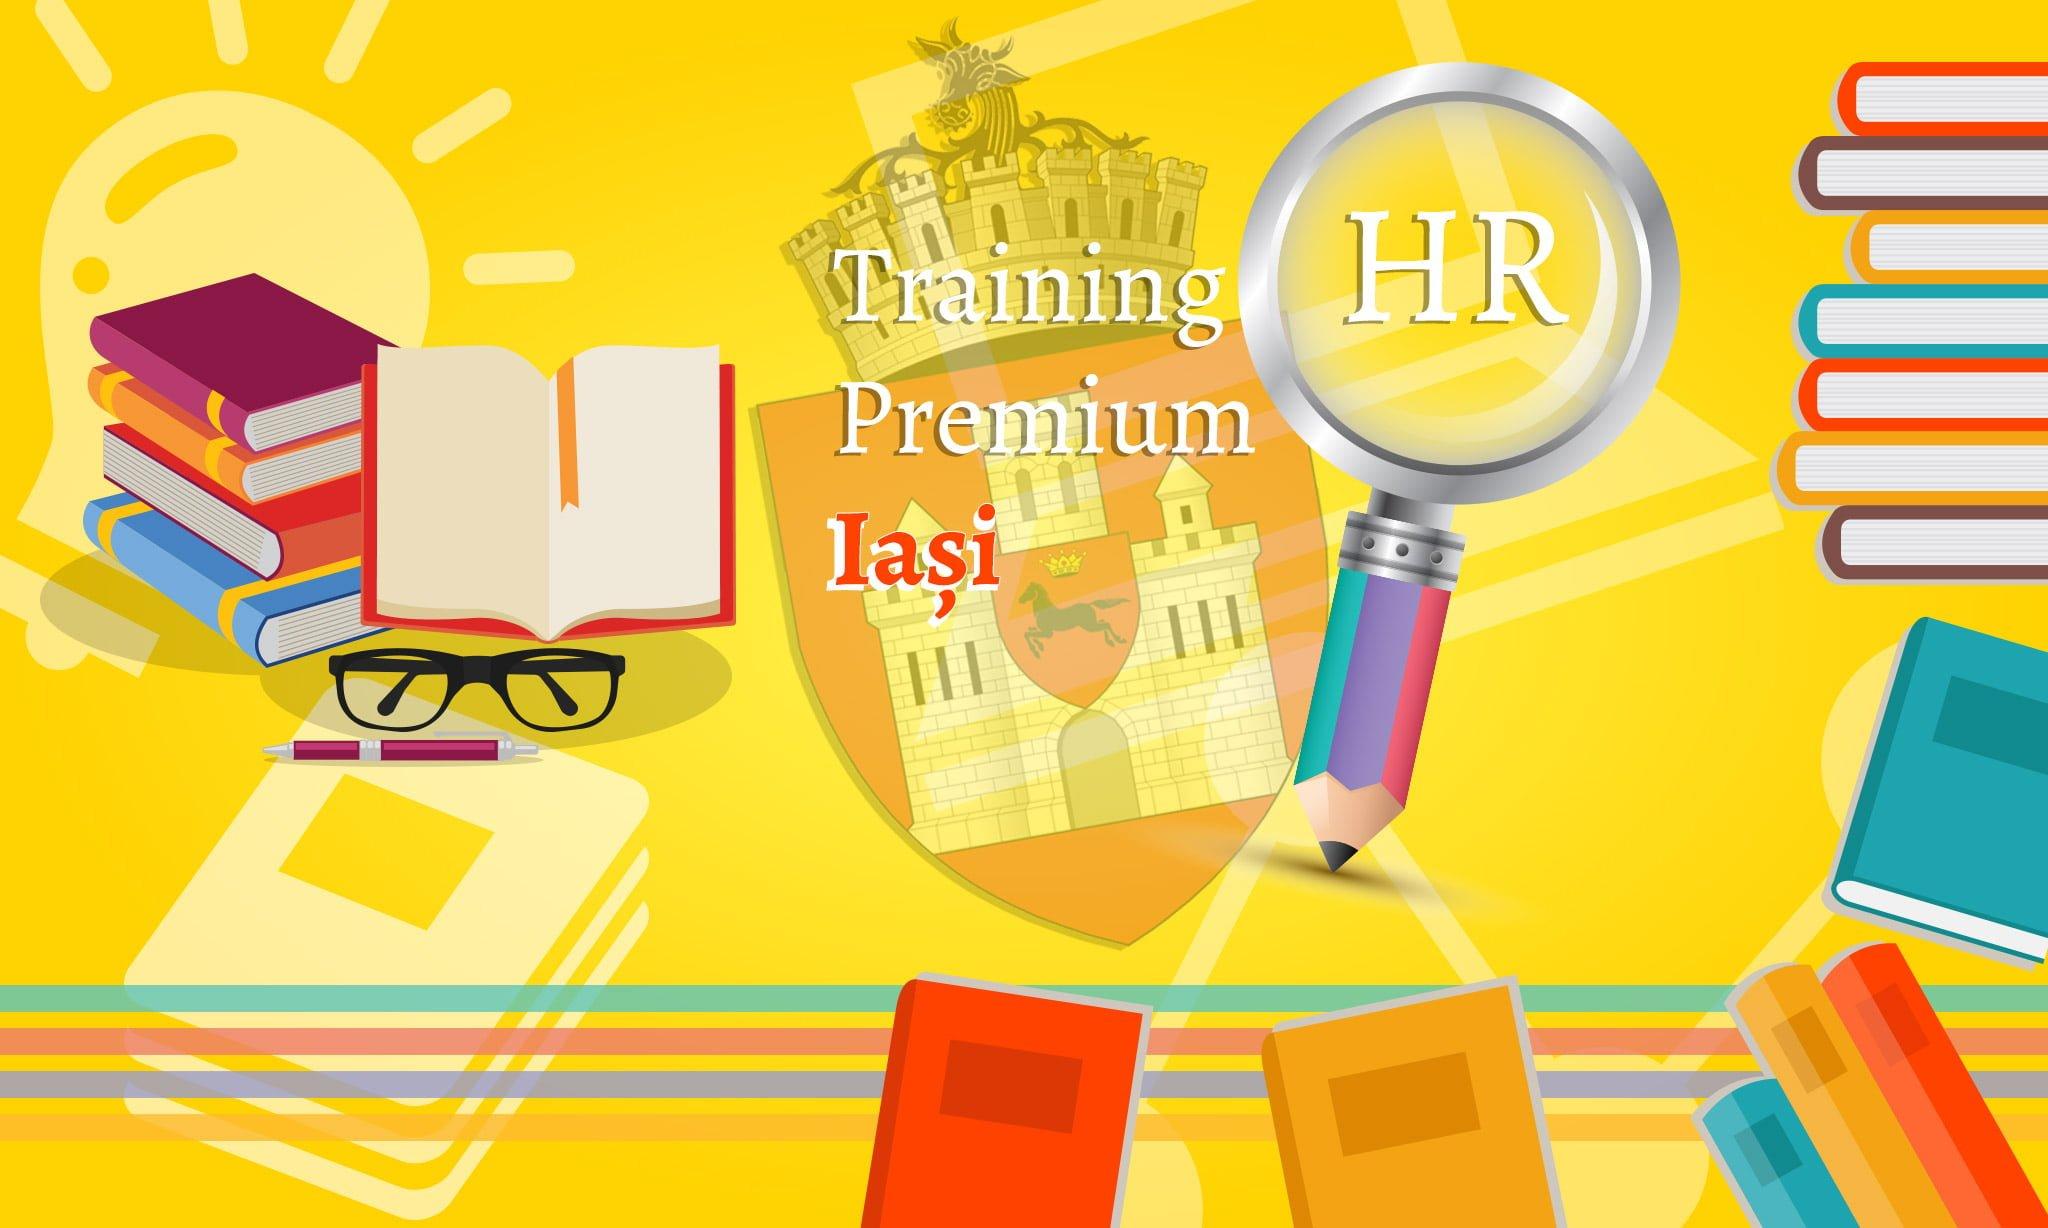 Banner-Design-HR-Premium-Iasi